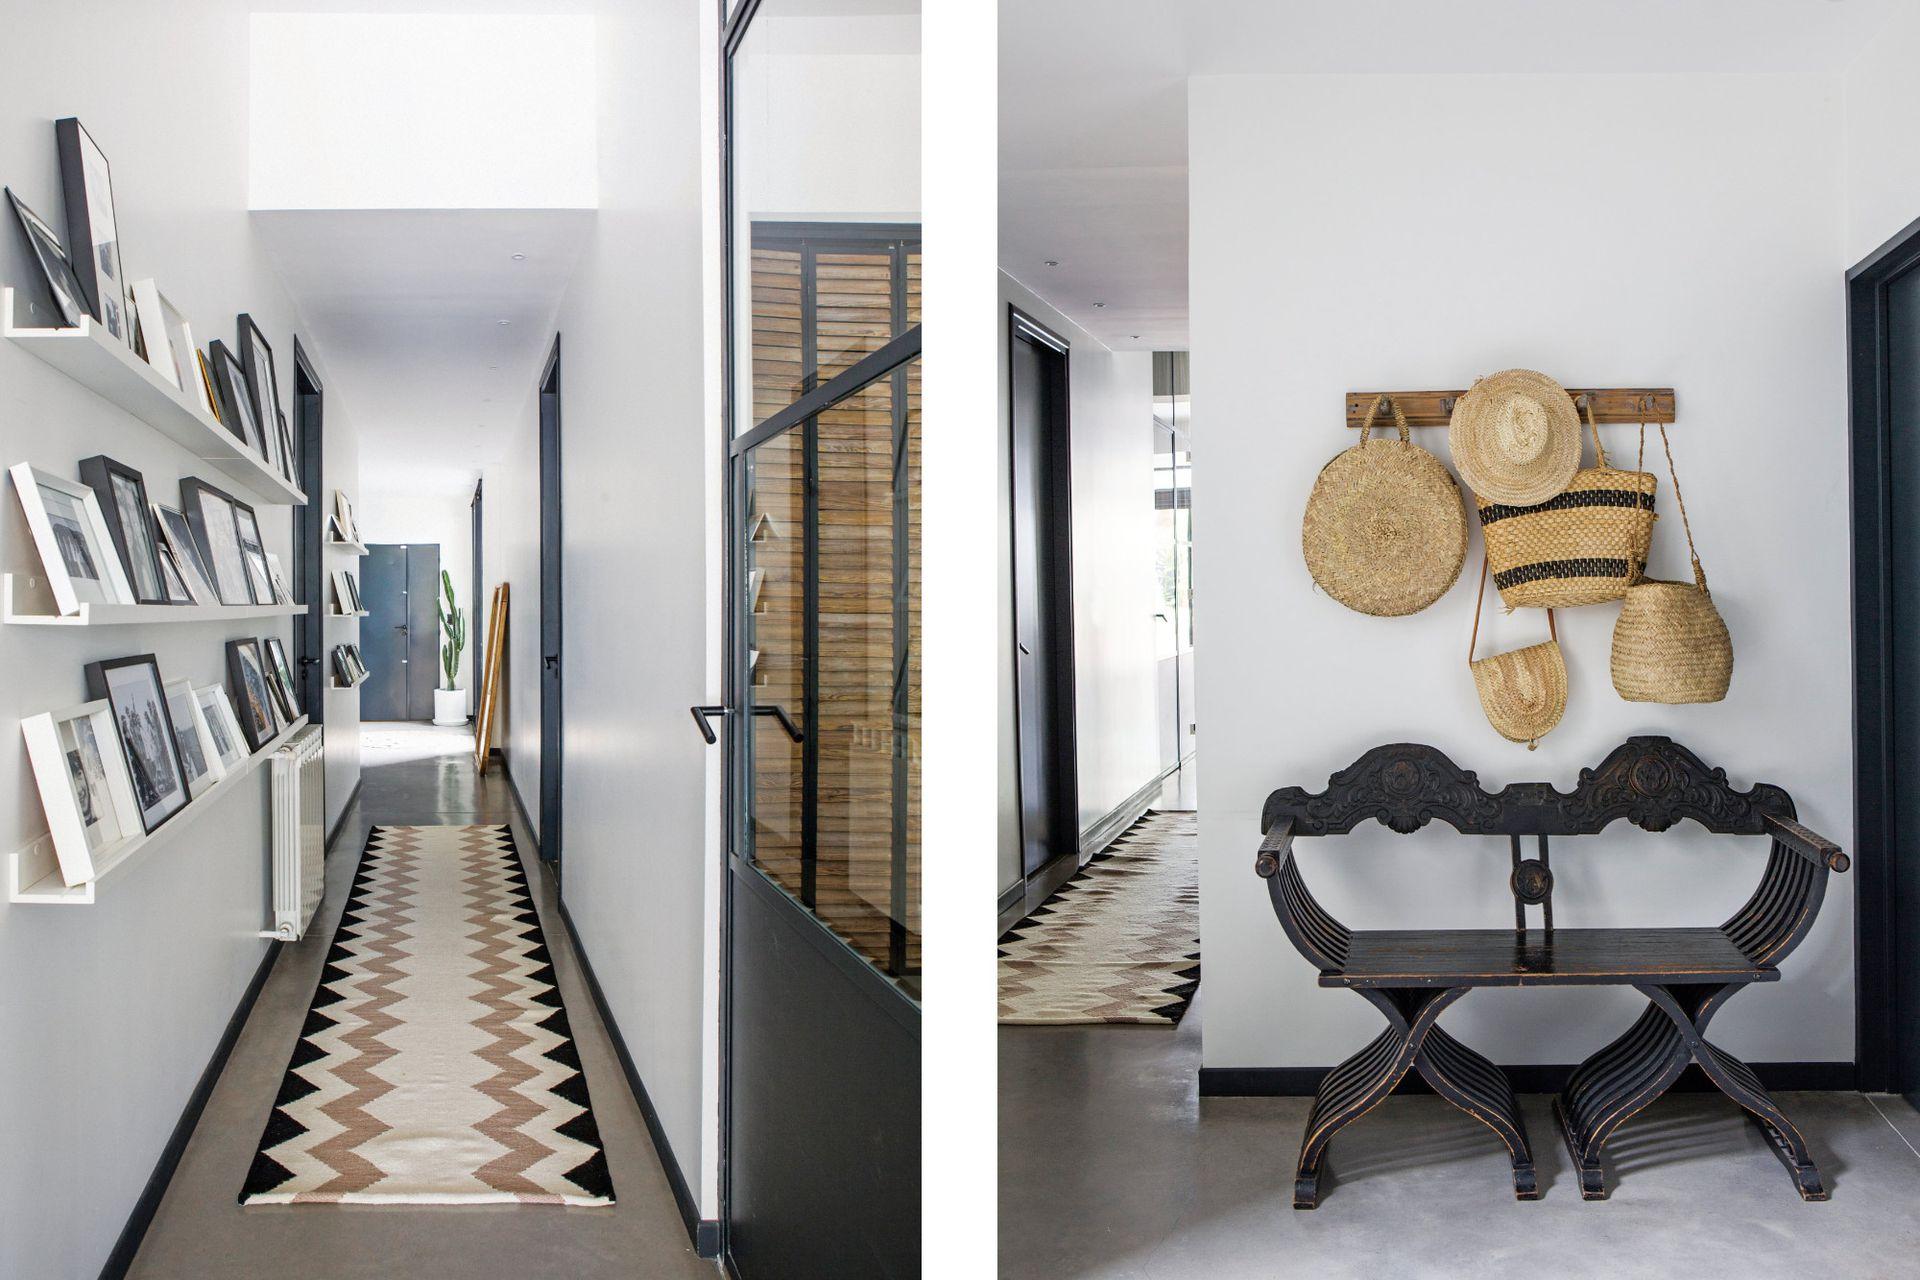 En el hall de entrada, sillón y perchero antiguos (Mercado de Pulgas de Dorrego). A continuación, el pasillo con estantes de madera (Ikea) y alfombra de lana (Elementos Argentinos).